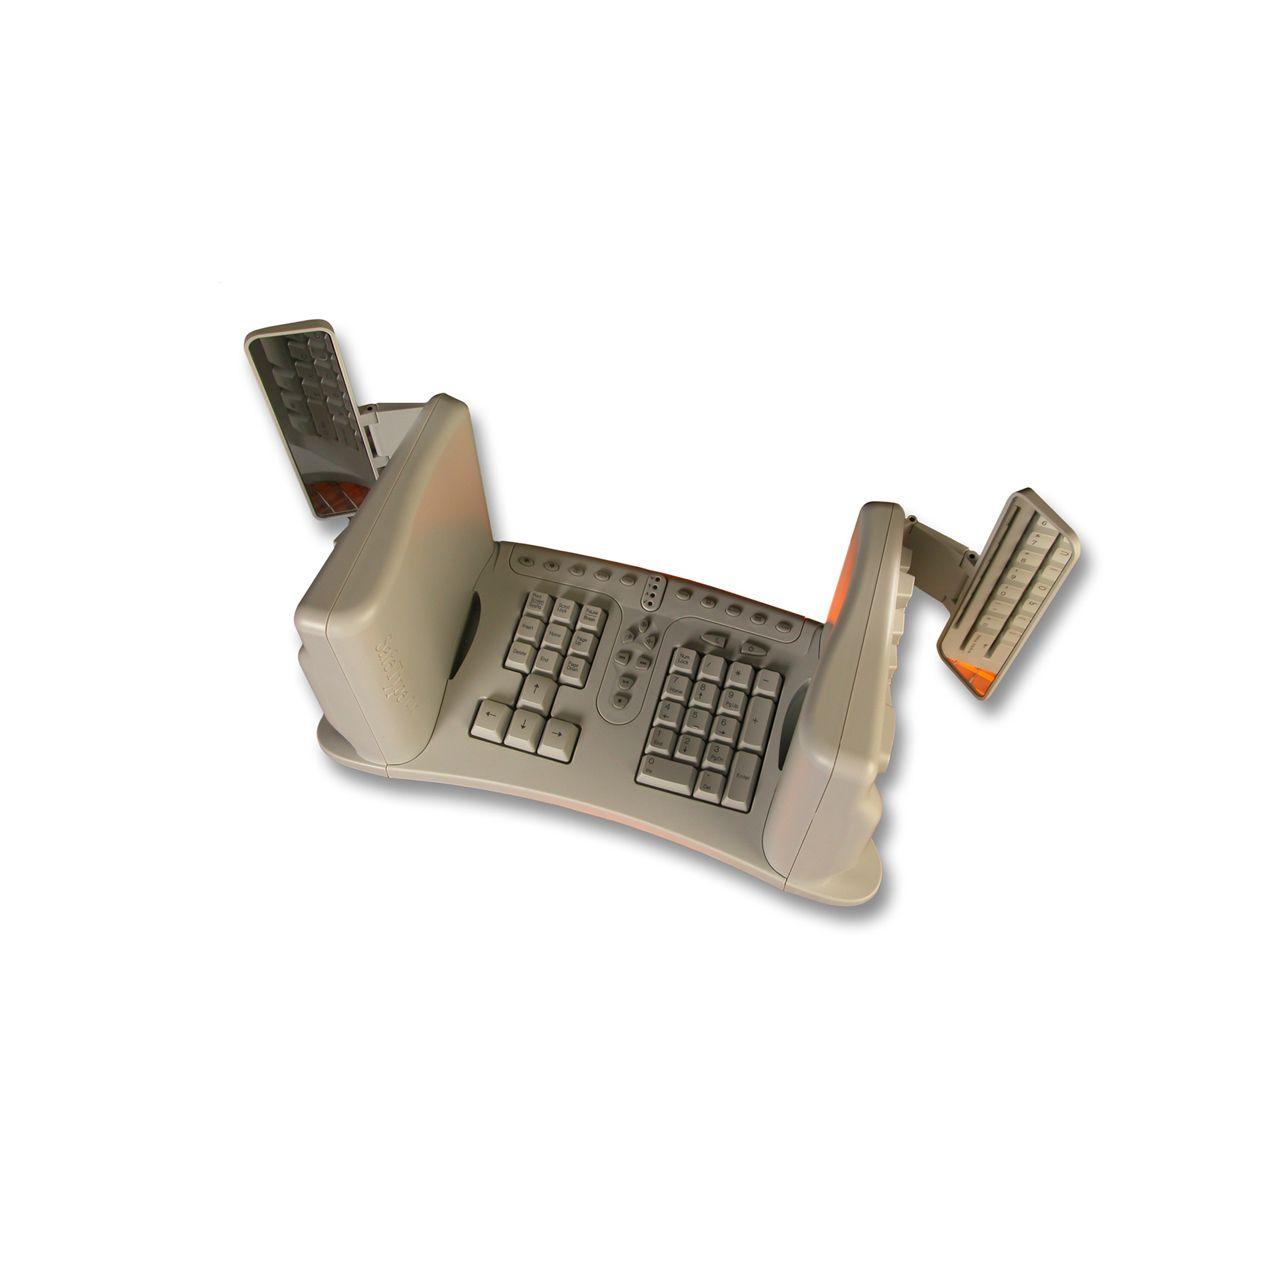 Safetype verticaal toetsenbord ERKATYP301 0001 Voorkant